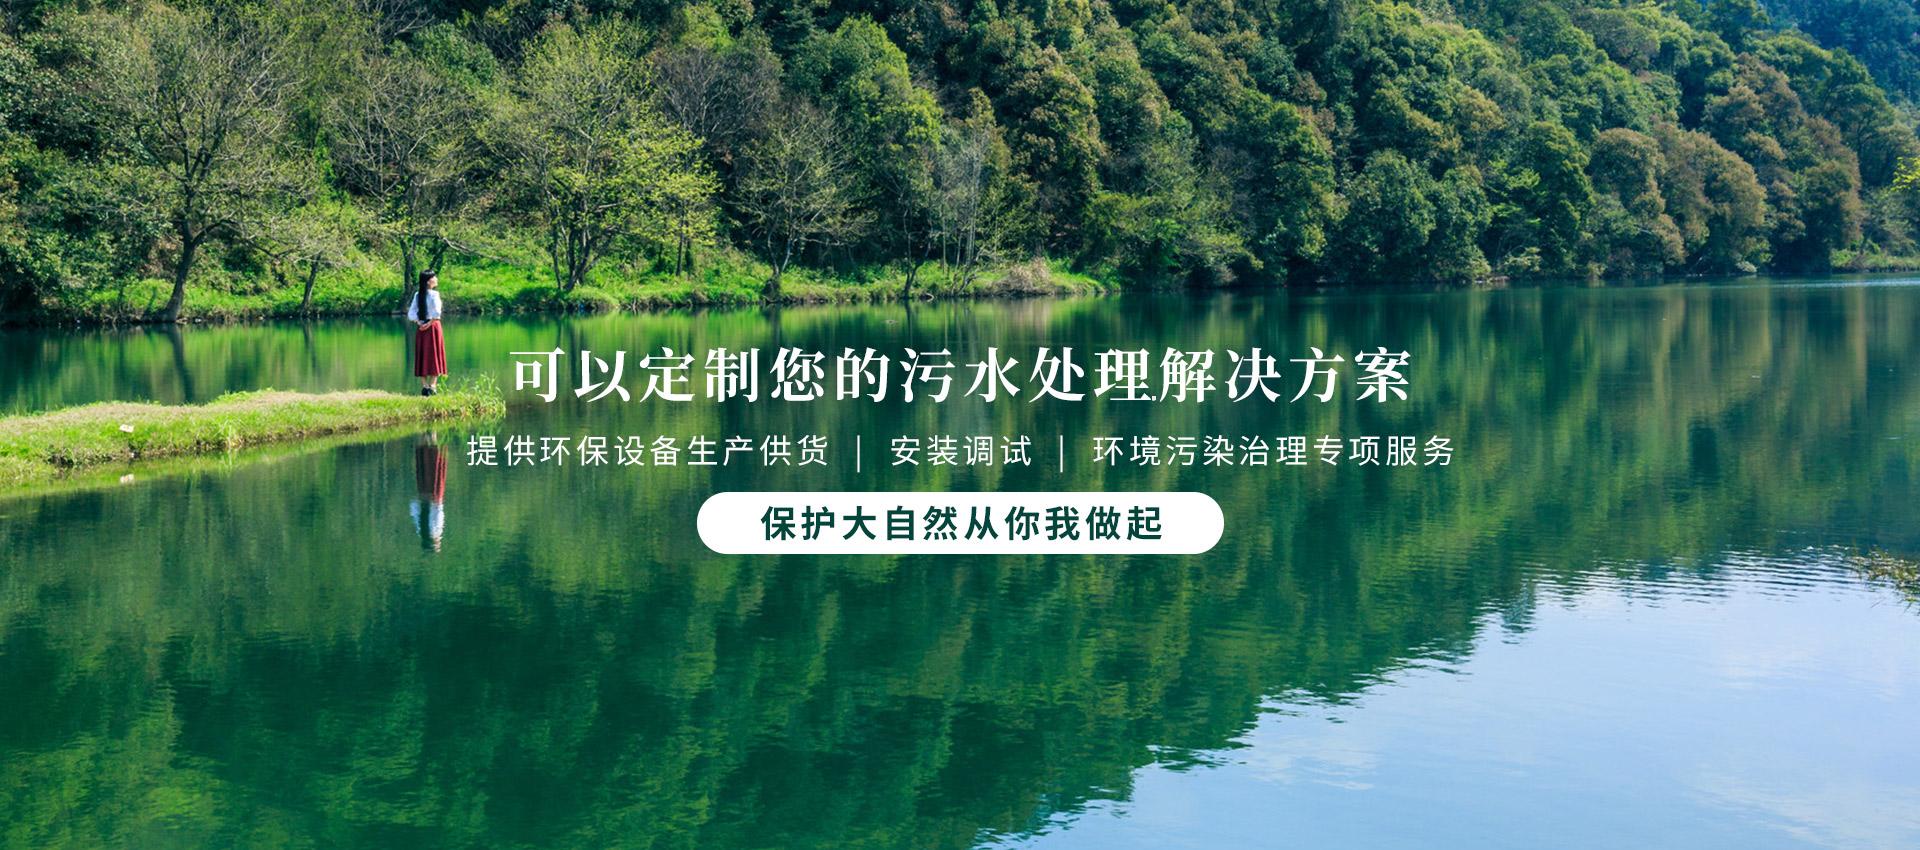 重庆废水治理